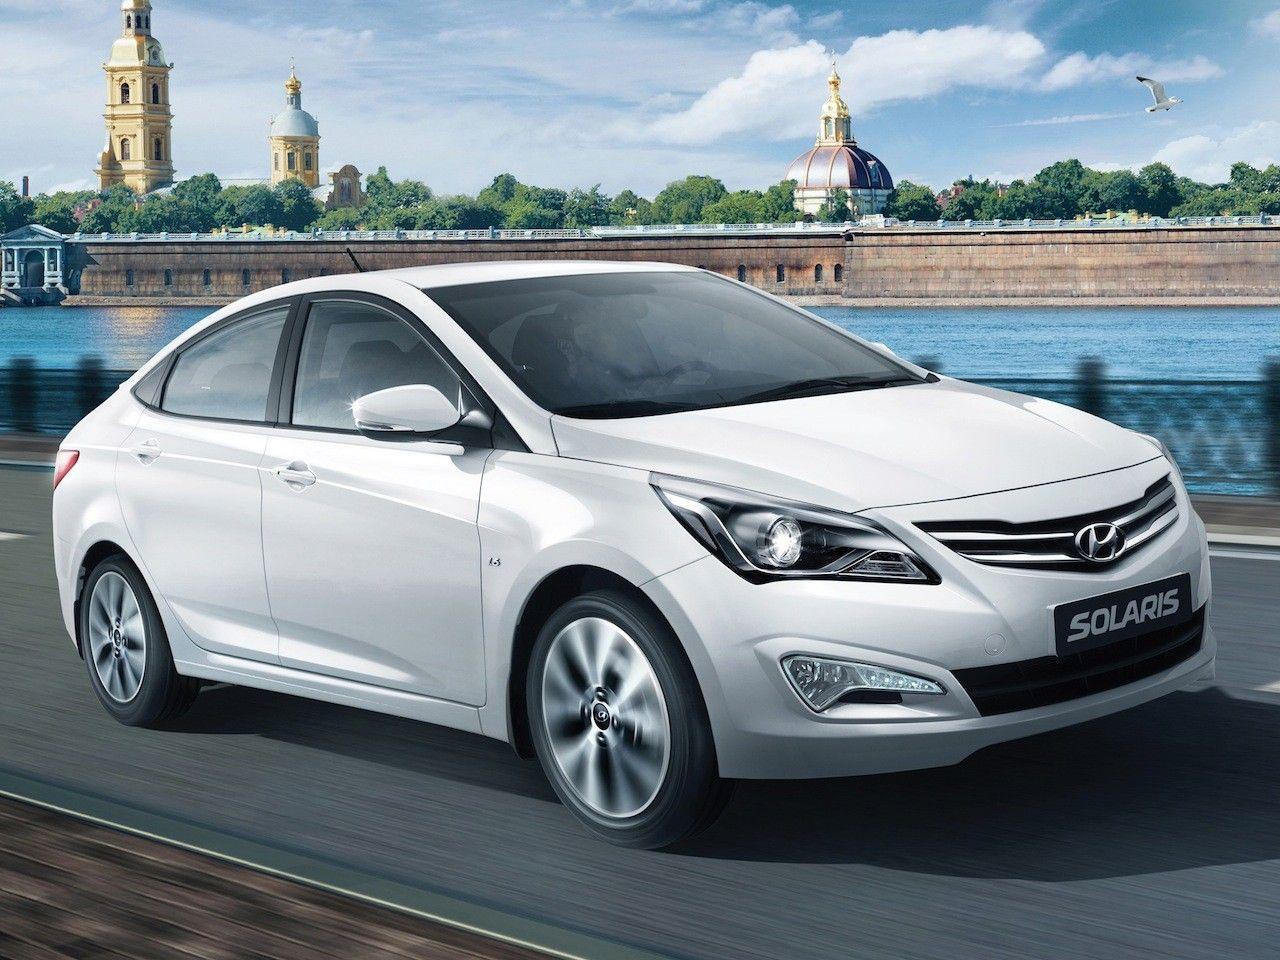 Рынок автомобилей Санкт-Петербурга впервый раз за 5 лет продемонстрировал рост